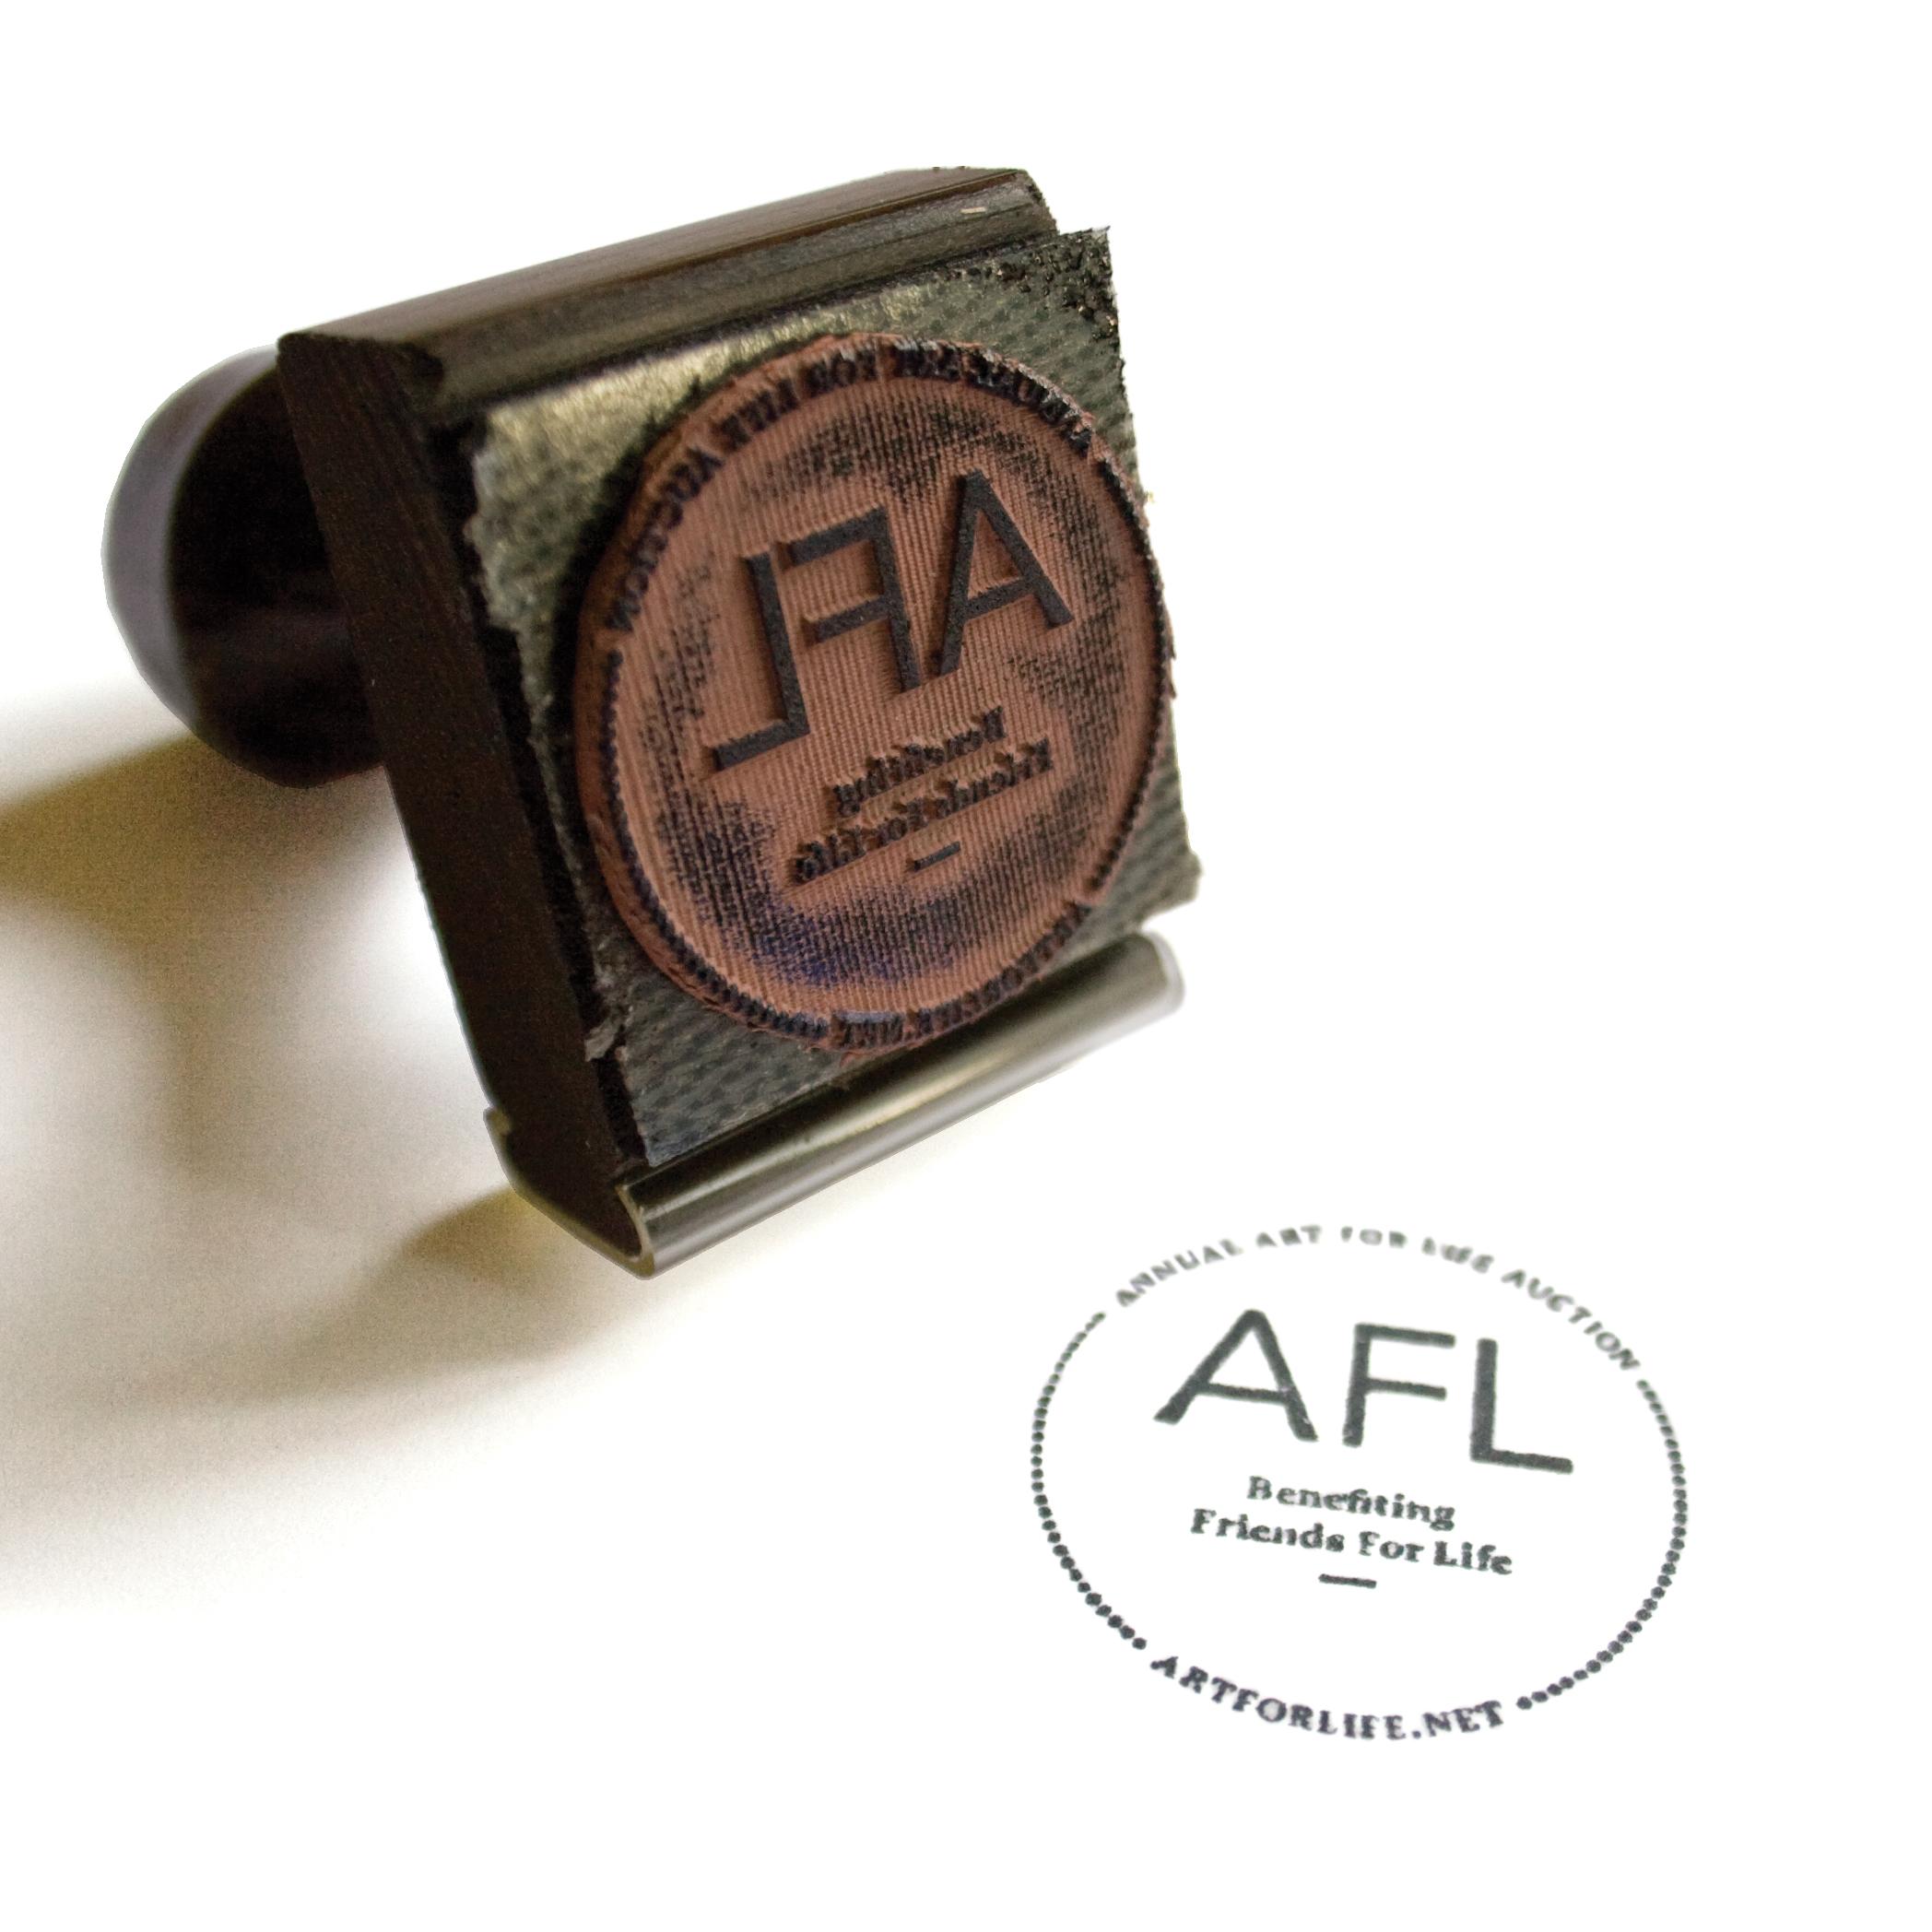 AFL_Stamp.jpg